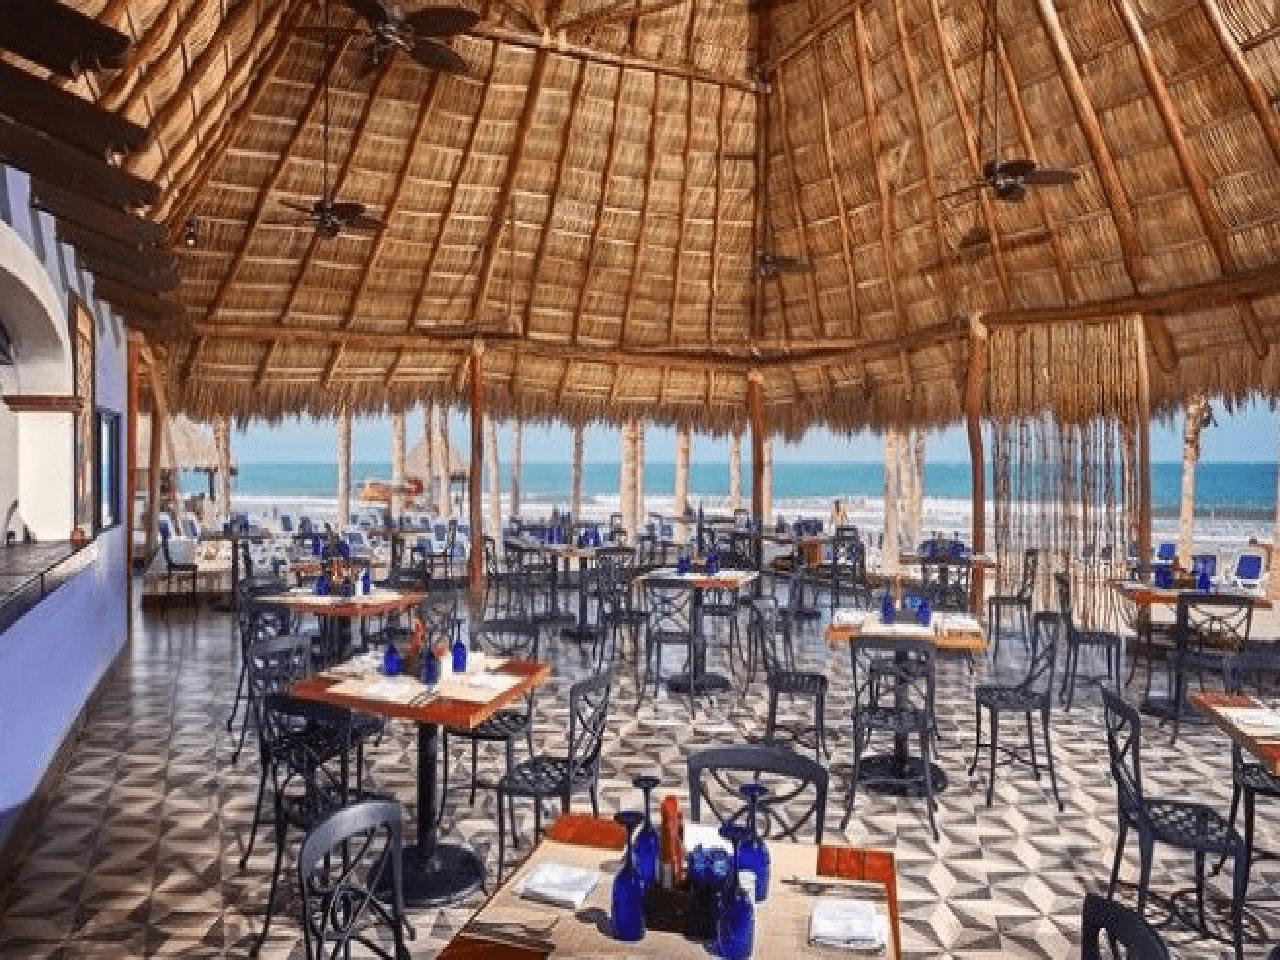 restaurante - Paquetes de bodas en la playa